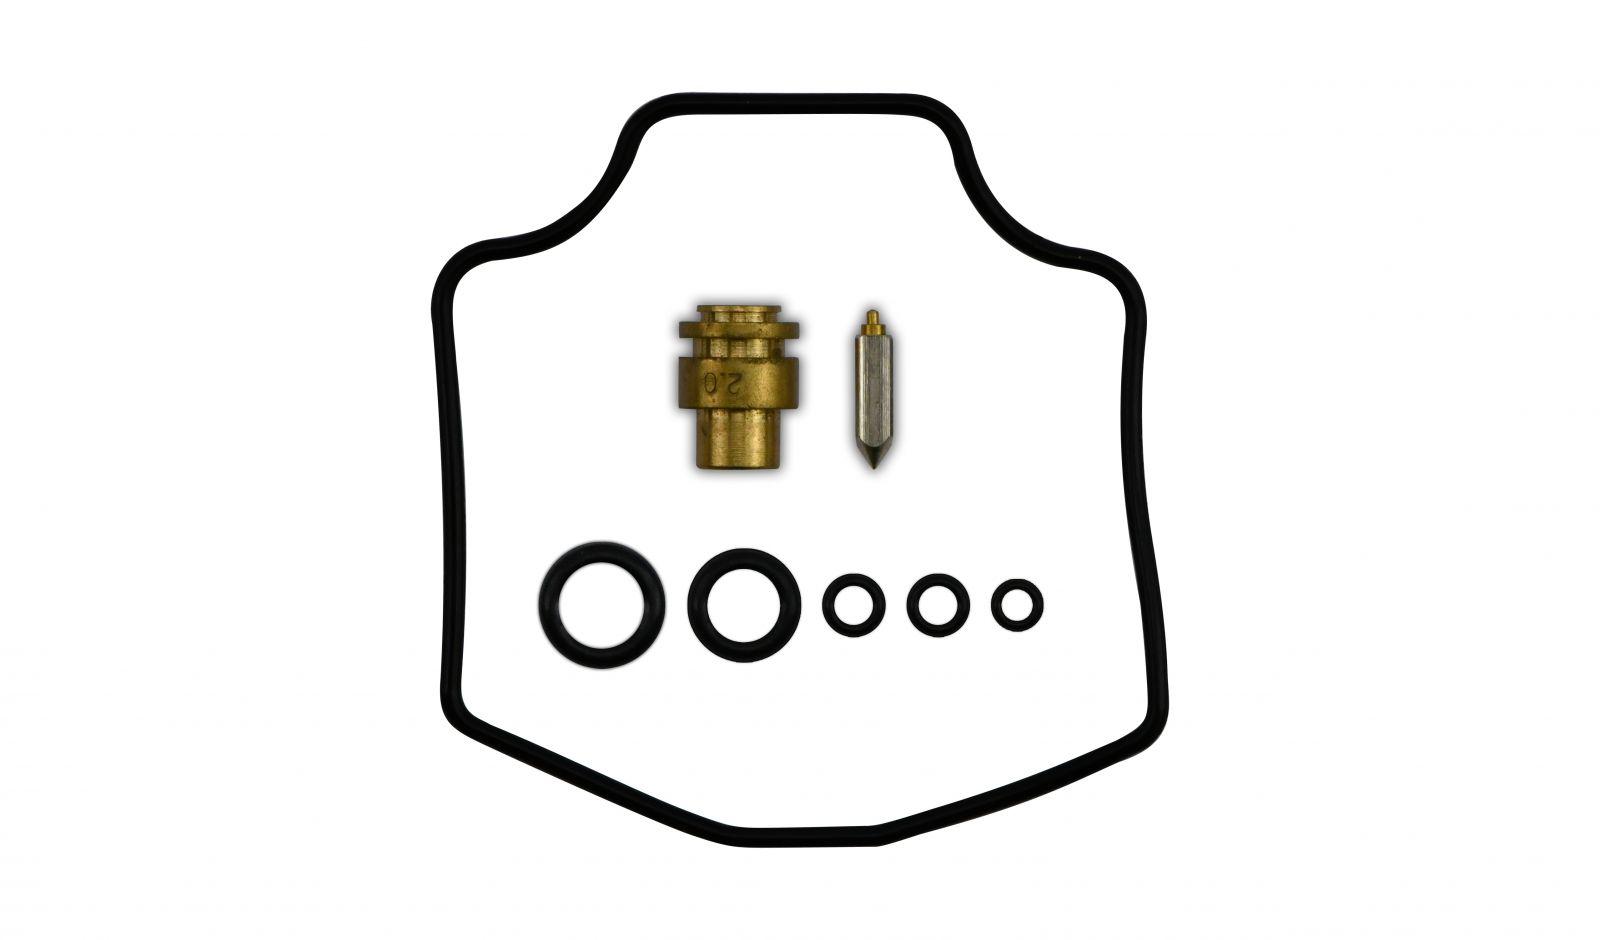 Carb Repair Kits - 350606H image